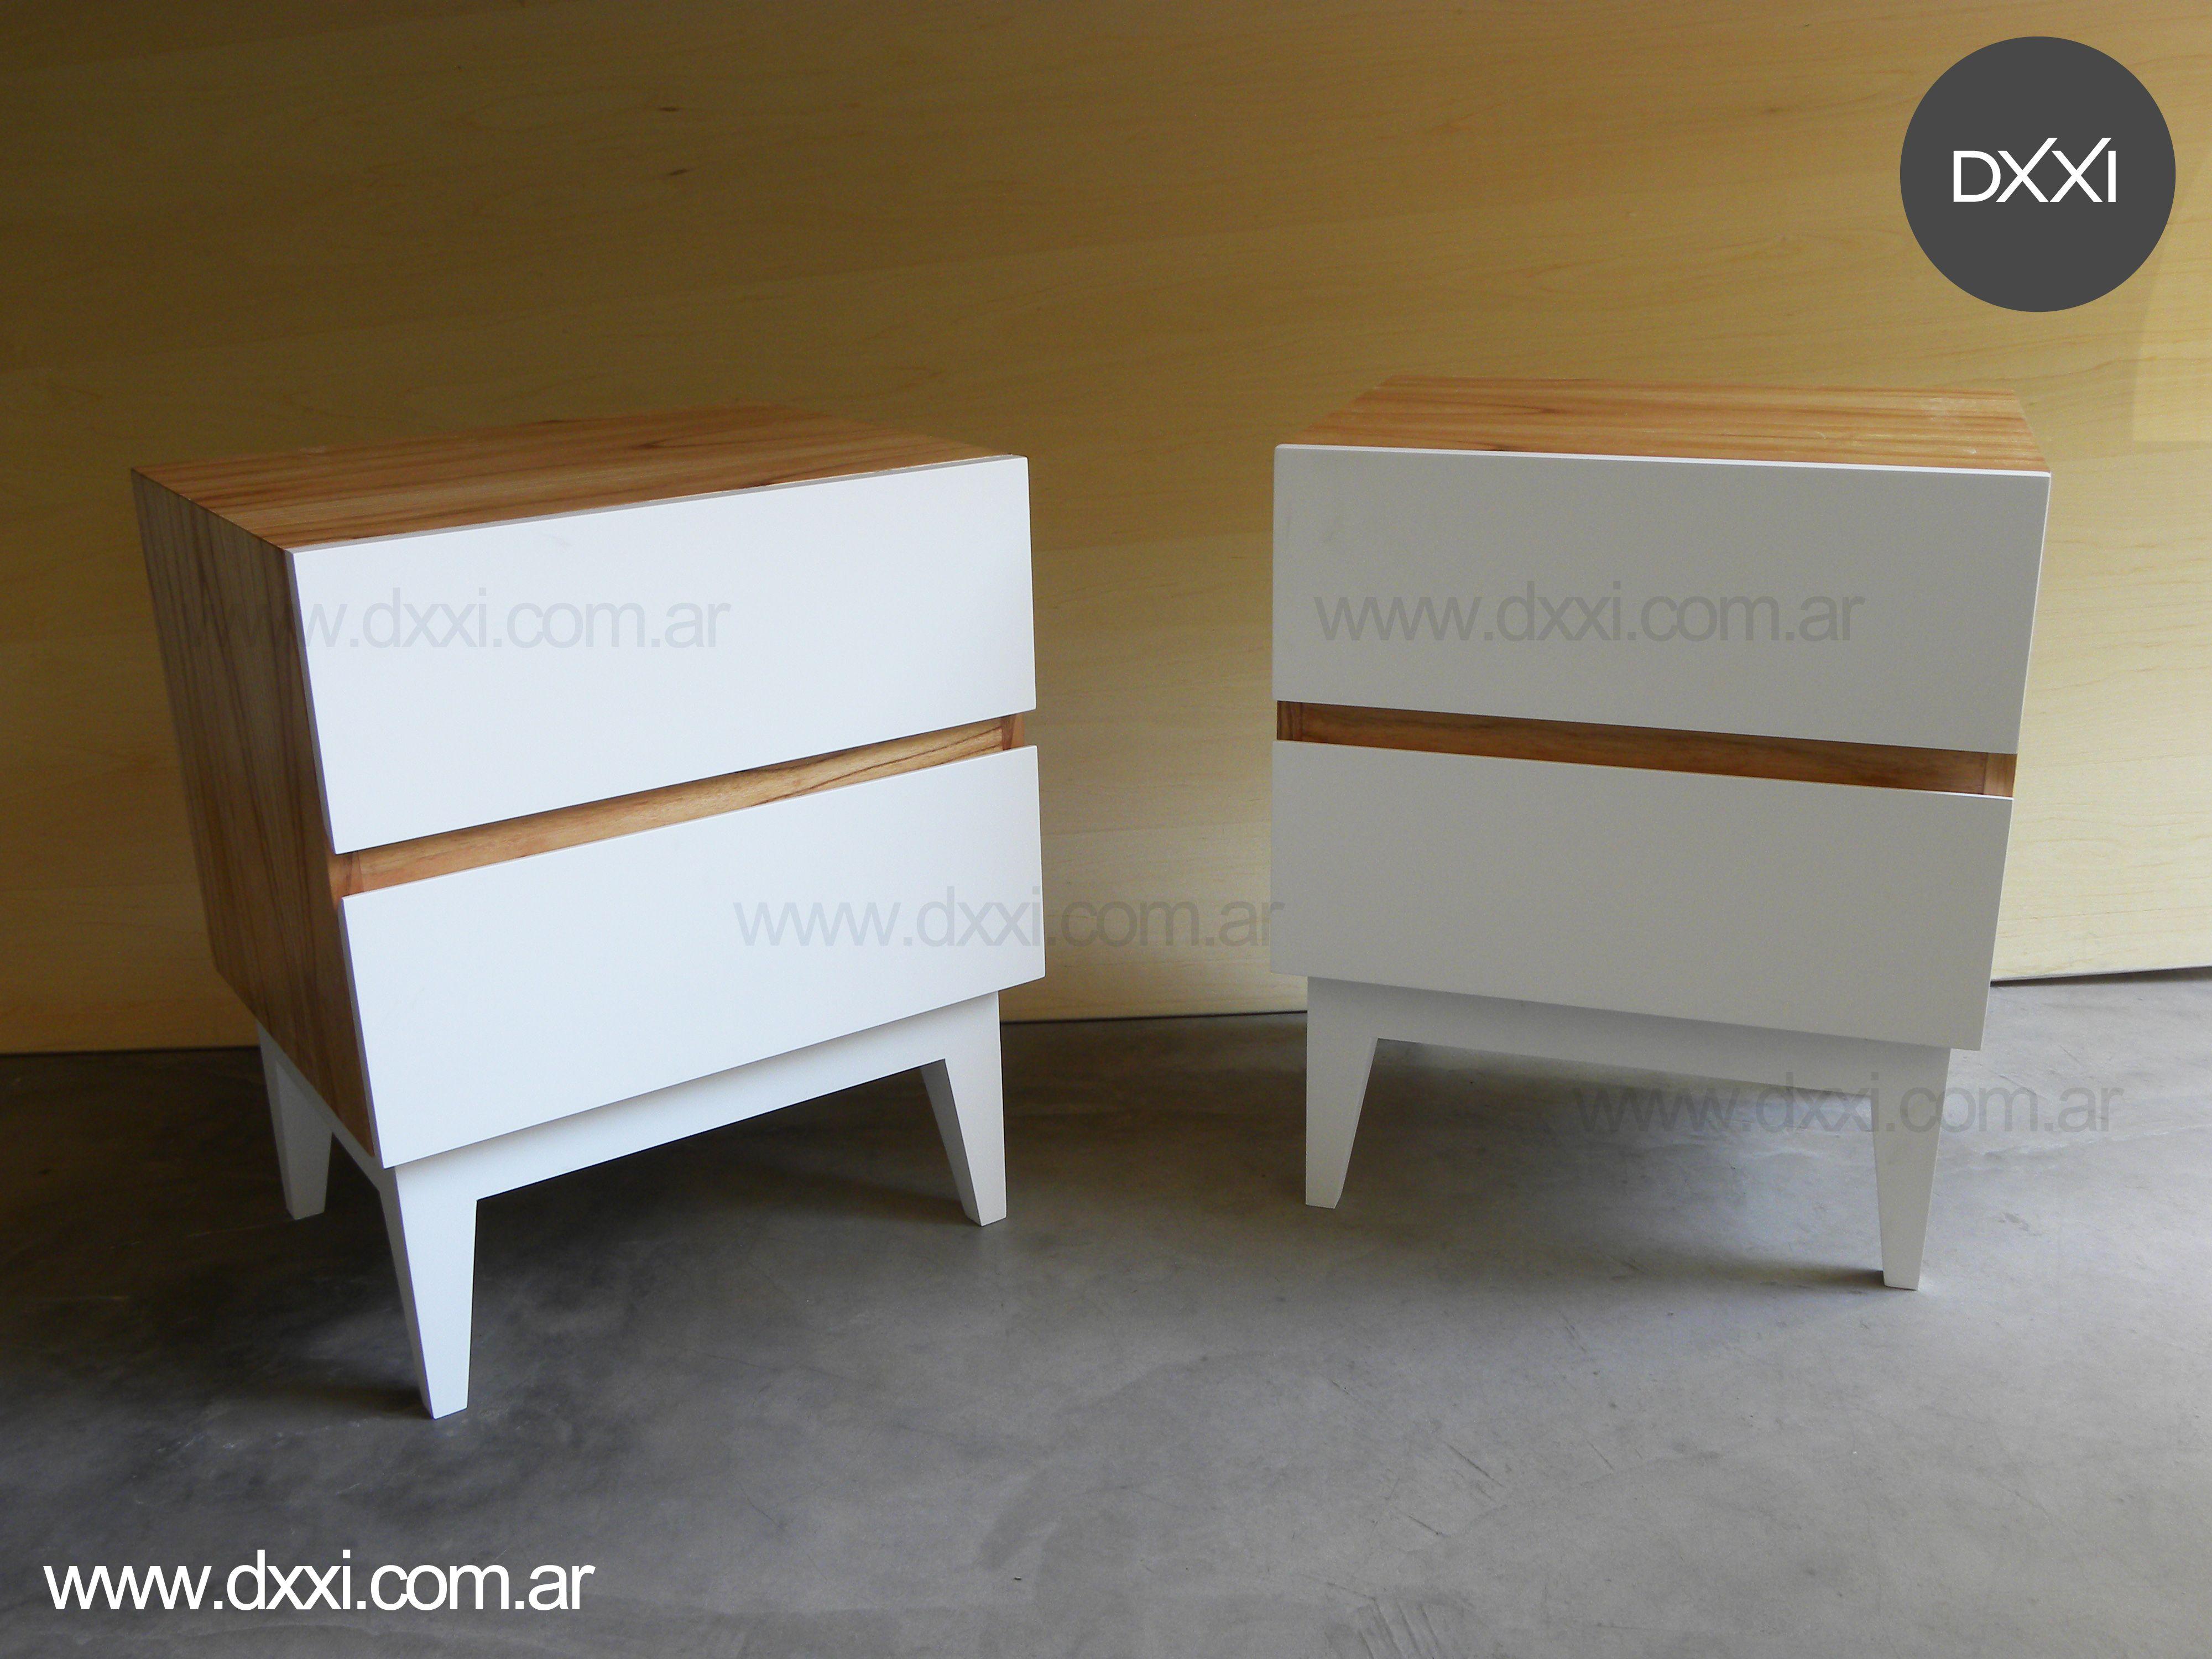 Mesa Acuario Ikea Resultado De Imagen Para Escritorio Plegable  # Muebles Pecera Ikea